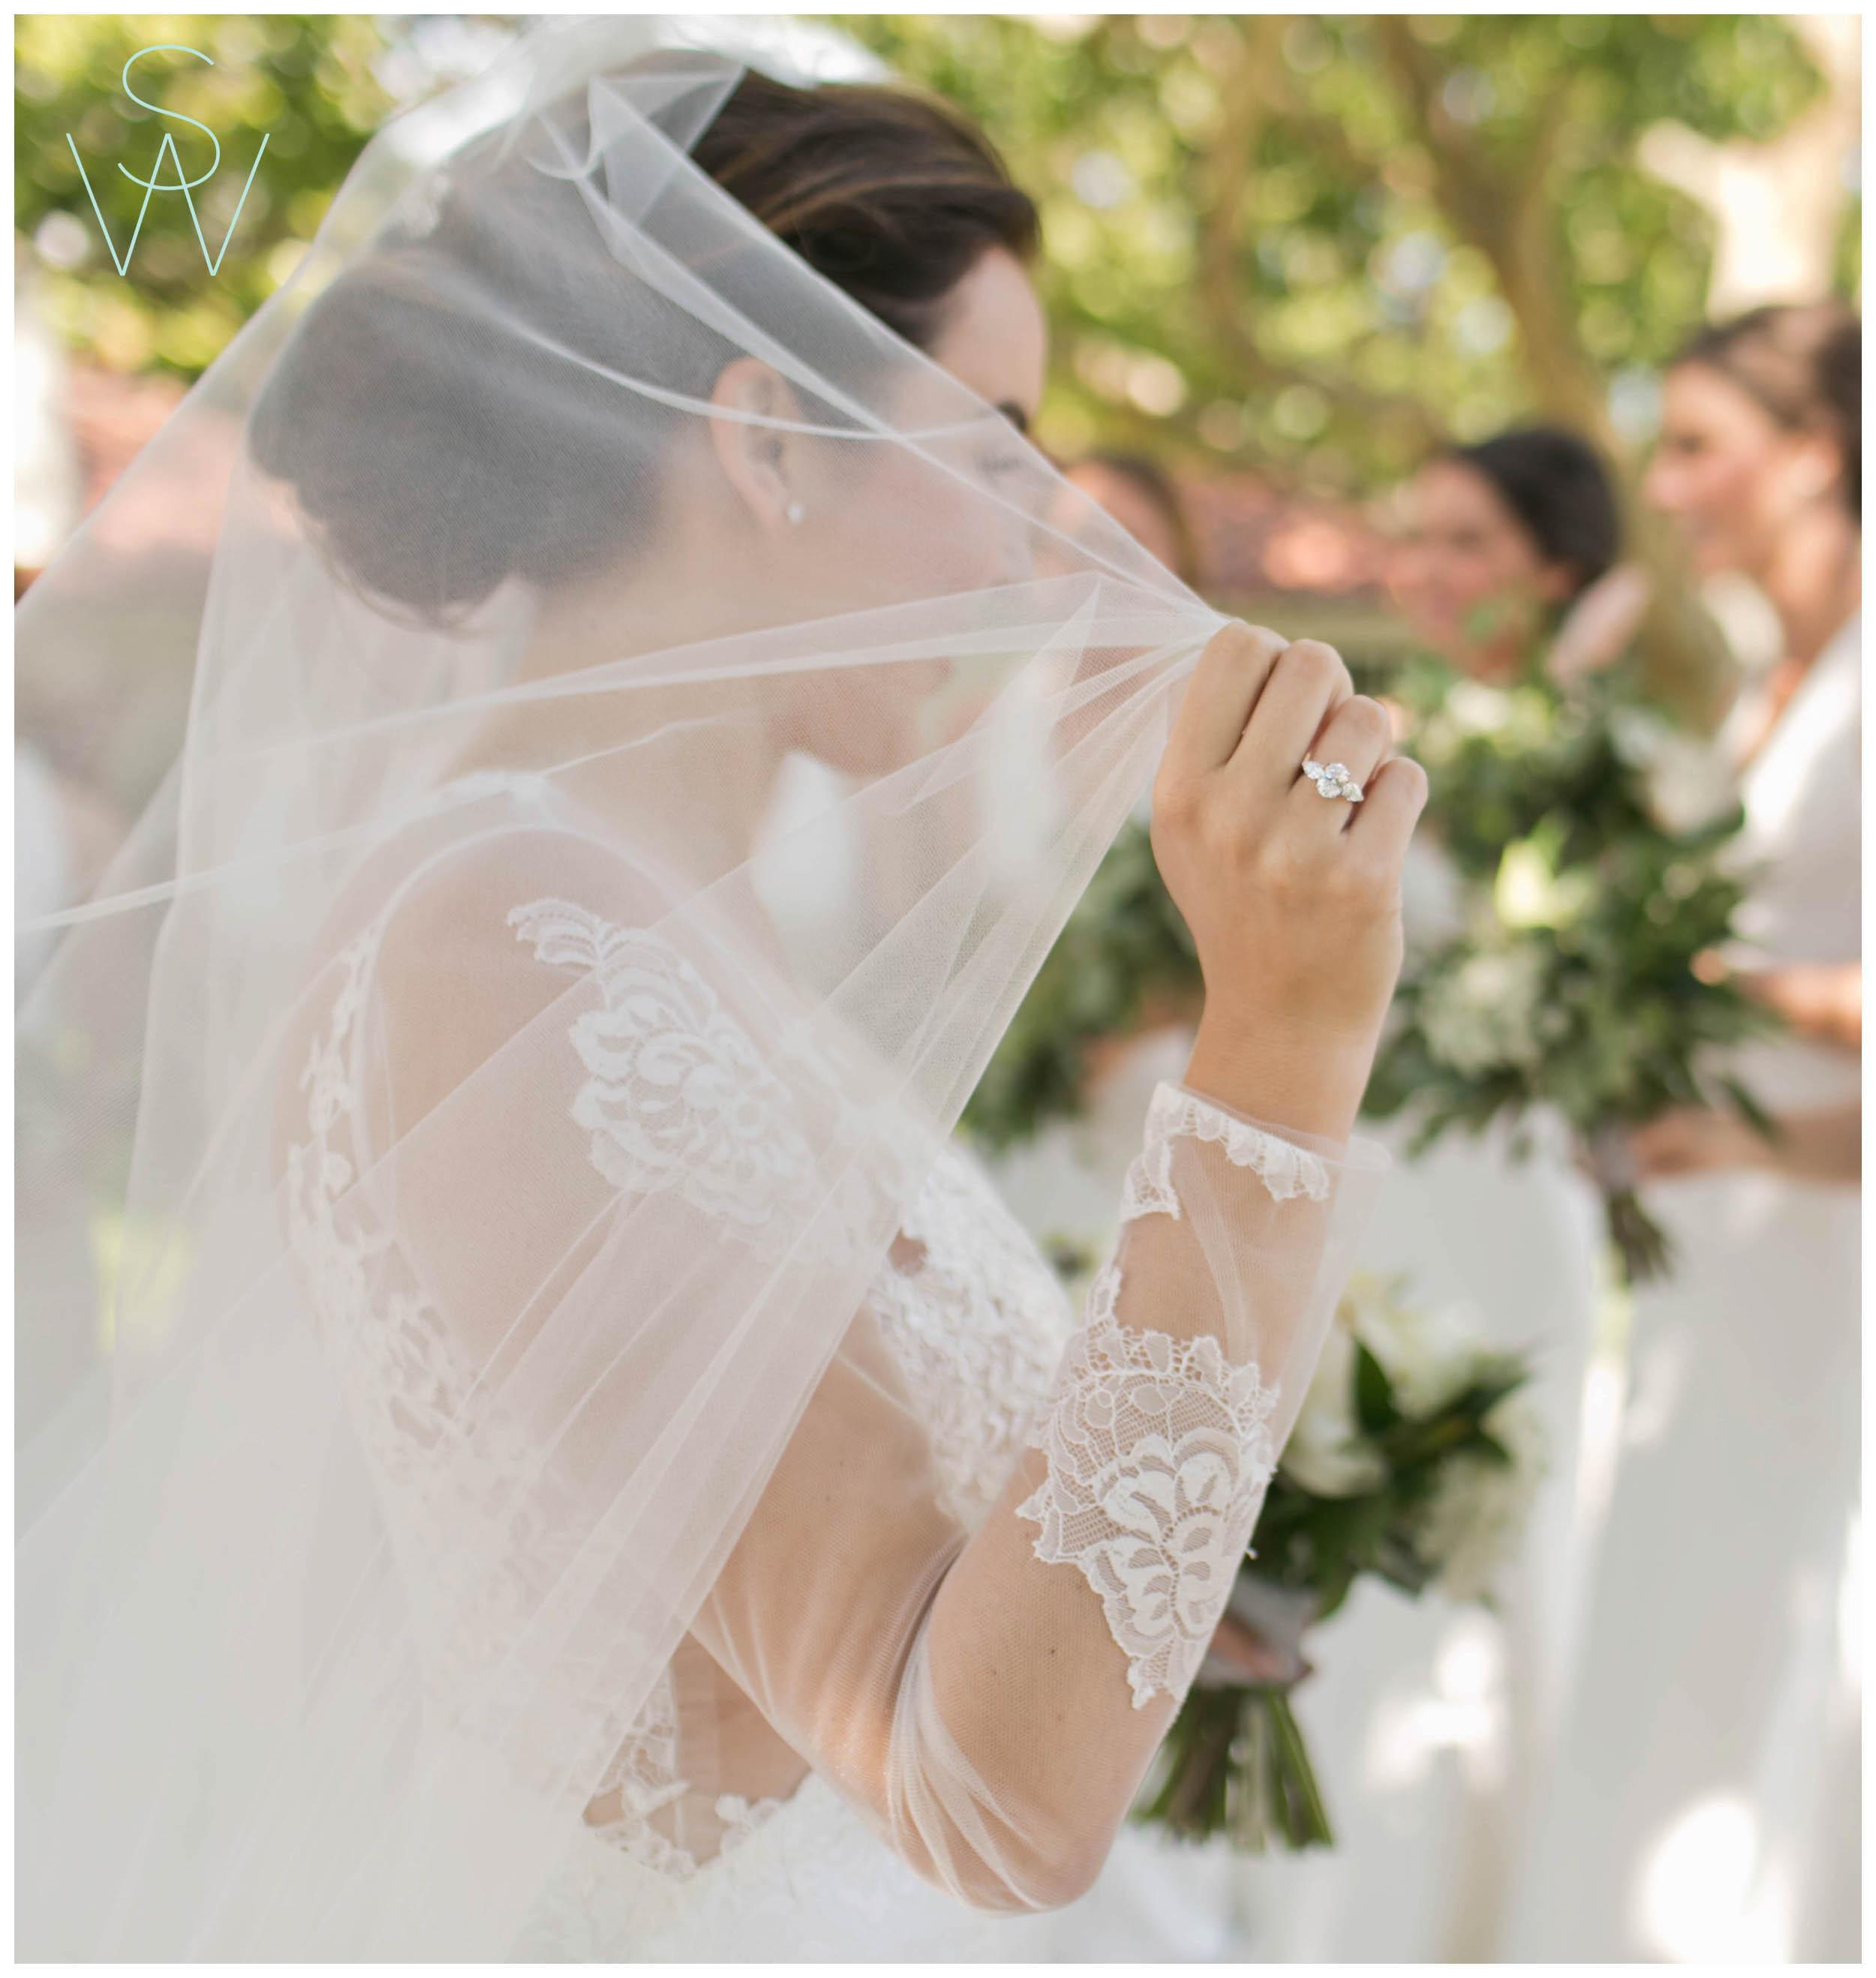 Shewanders.san_.diego_.wedding.photography.private.estate.tara_.jason-3806.jpg.diego_.wedding.photography.private.estate.tara_.jason-380.jpg